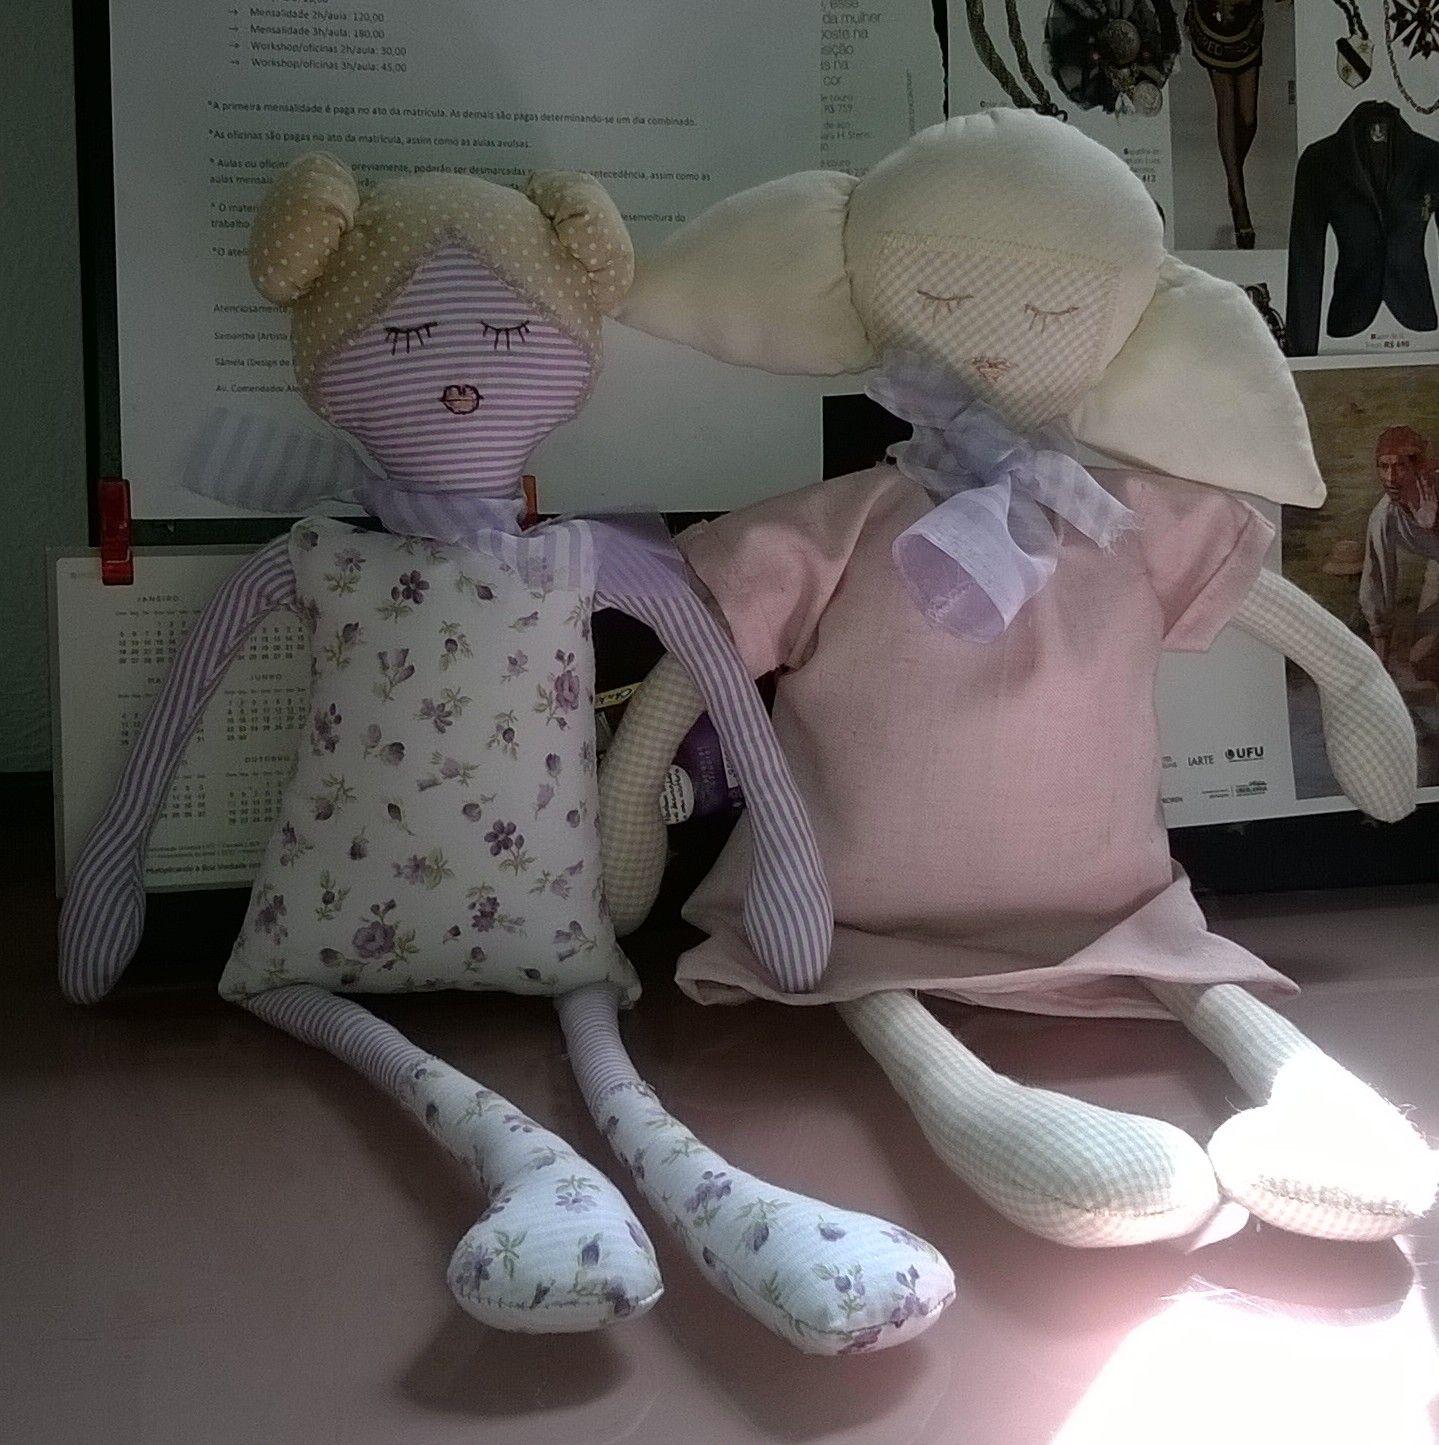 Bonecas de tecido por Samantha e Simone